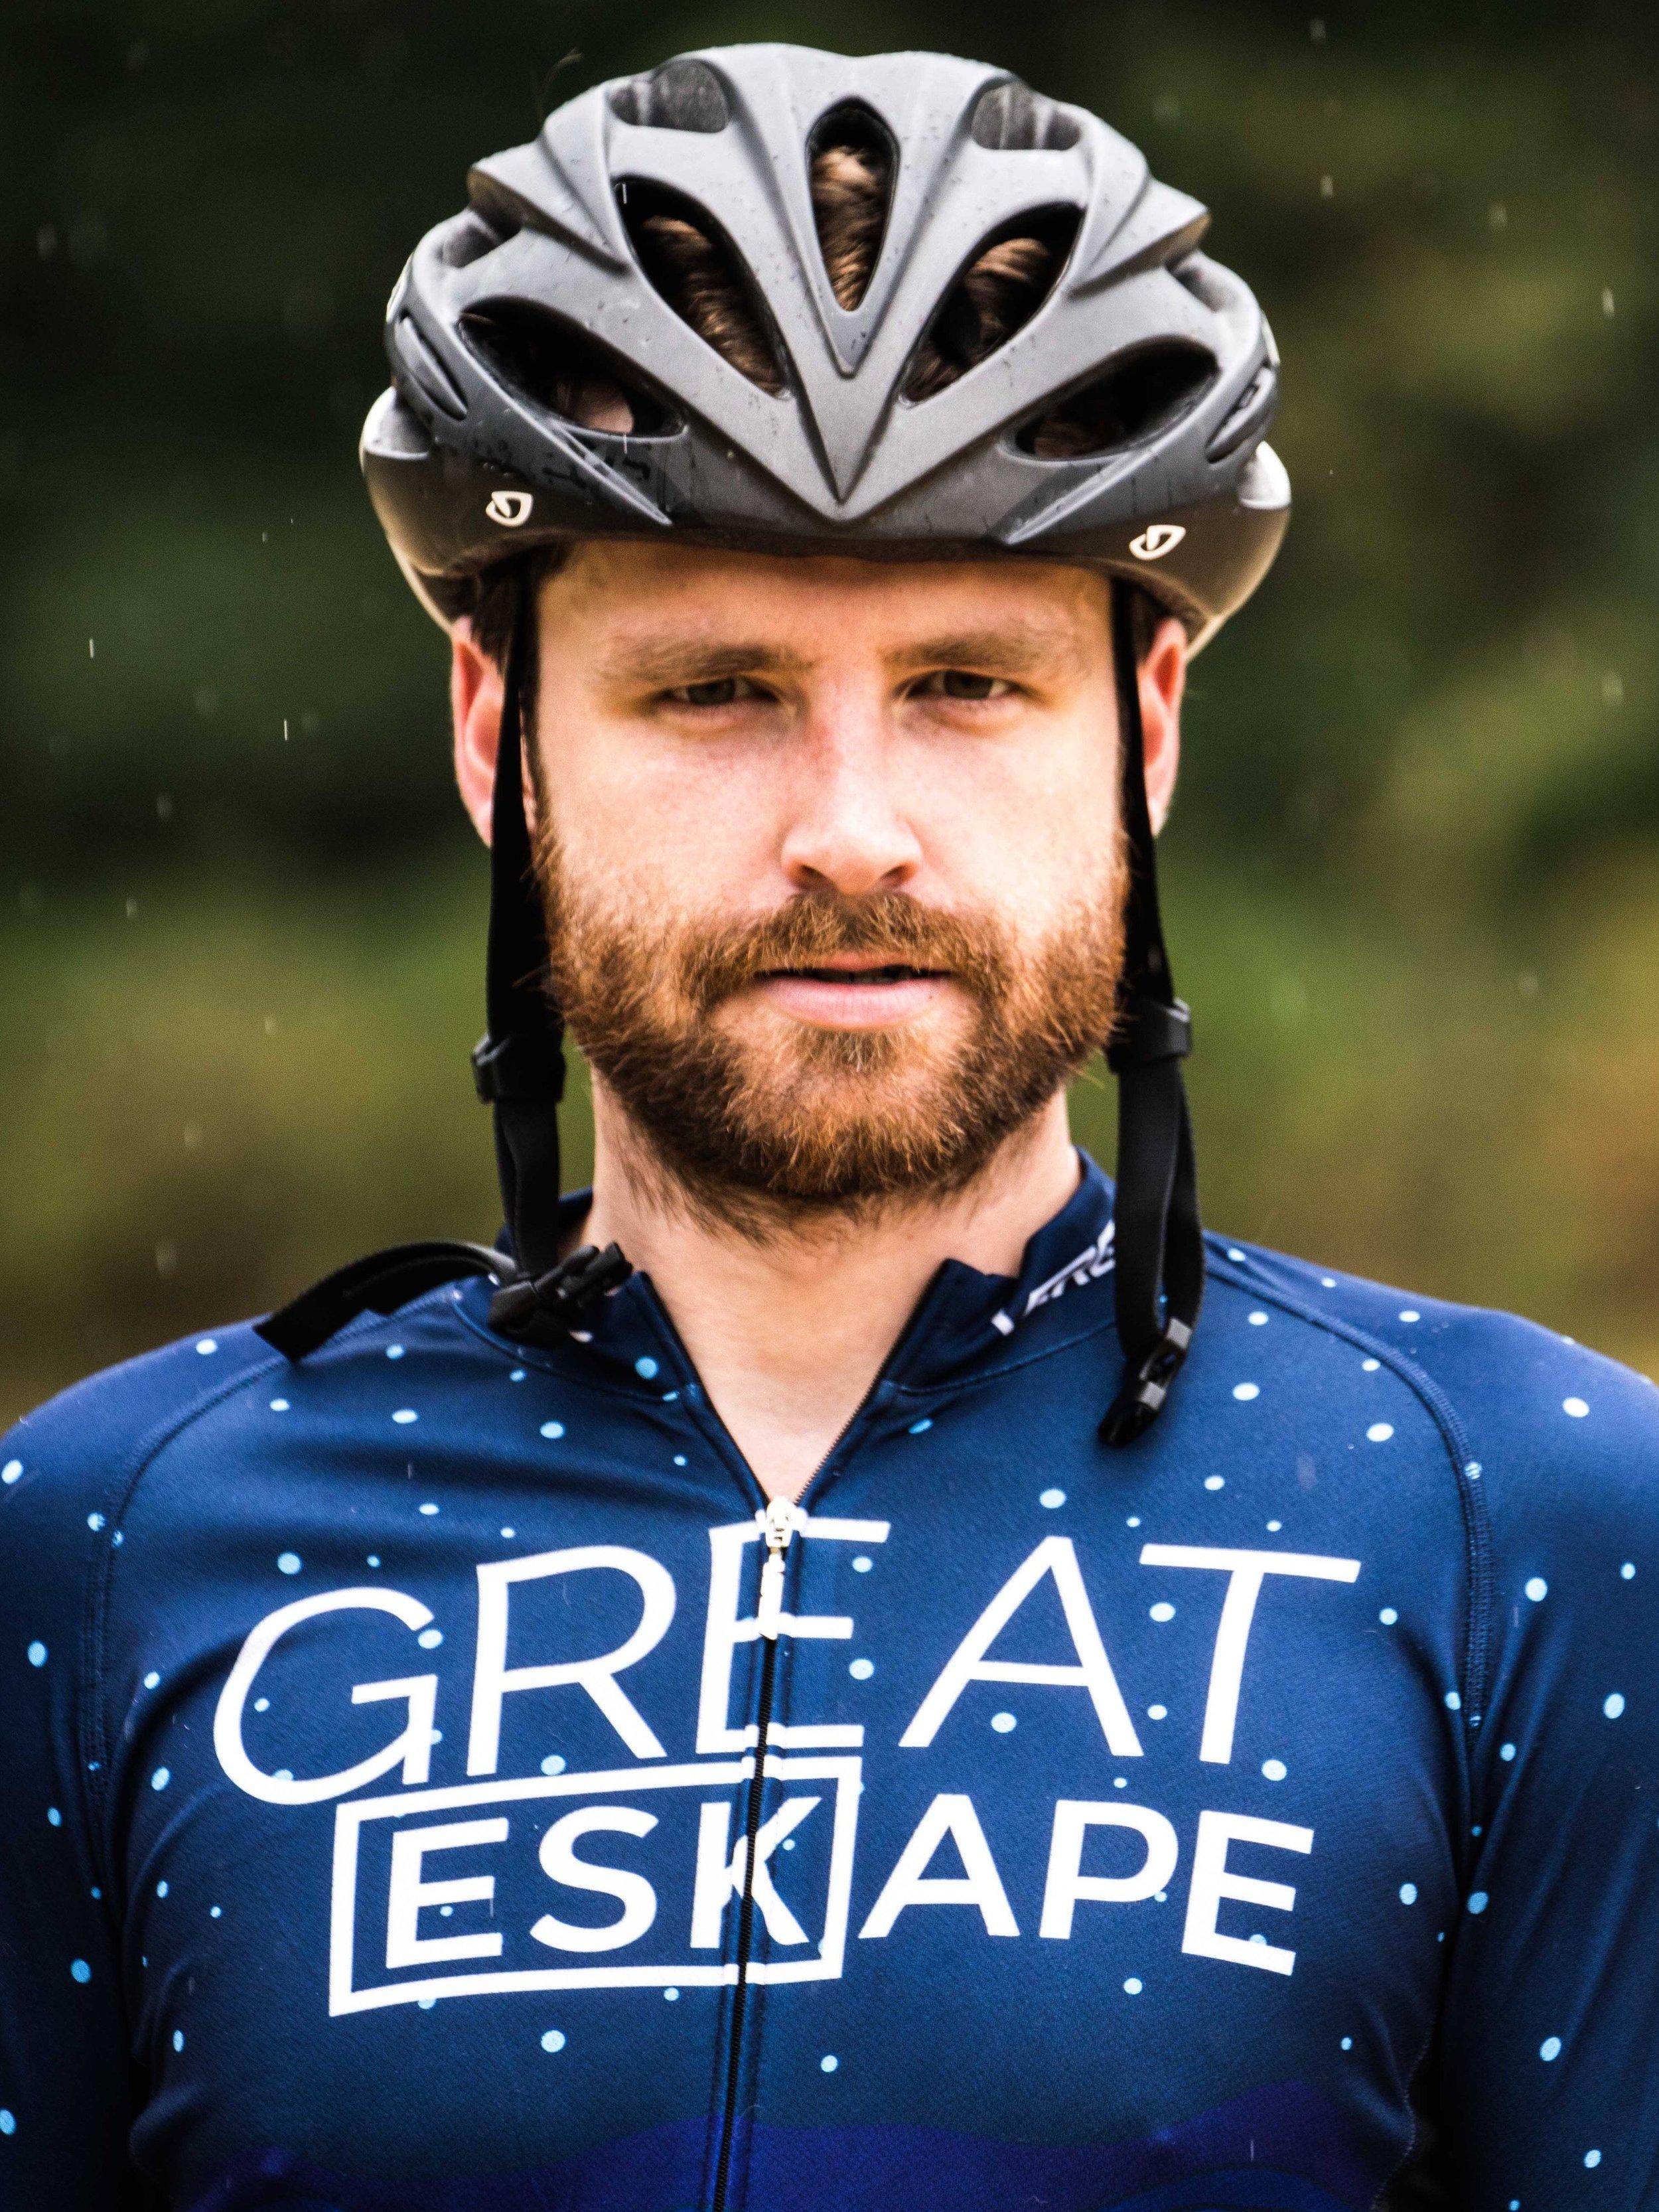 Category 4 CX, gravel, and mountain bike racer. Race Bike: Sklar 'Cross